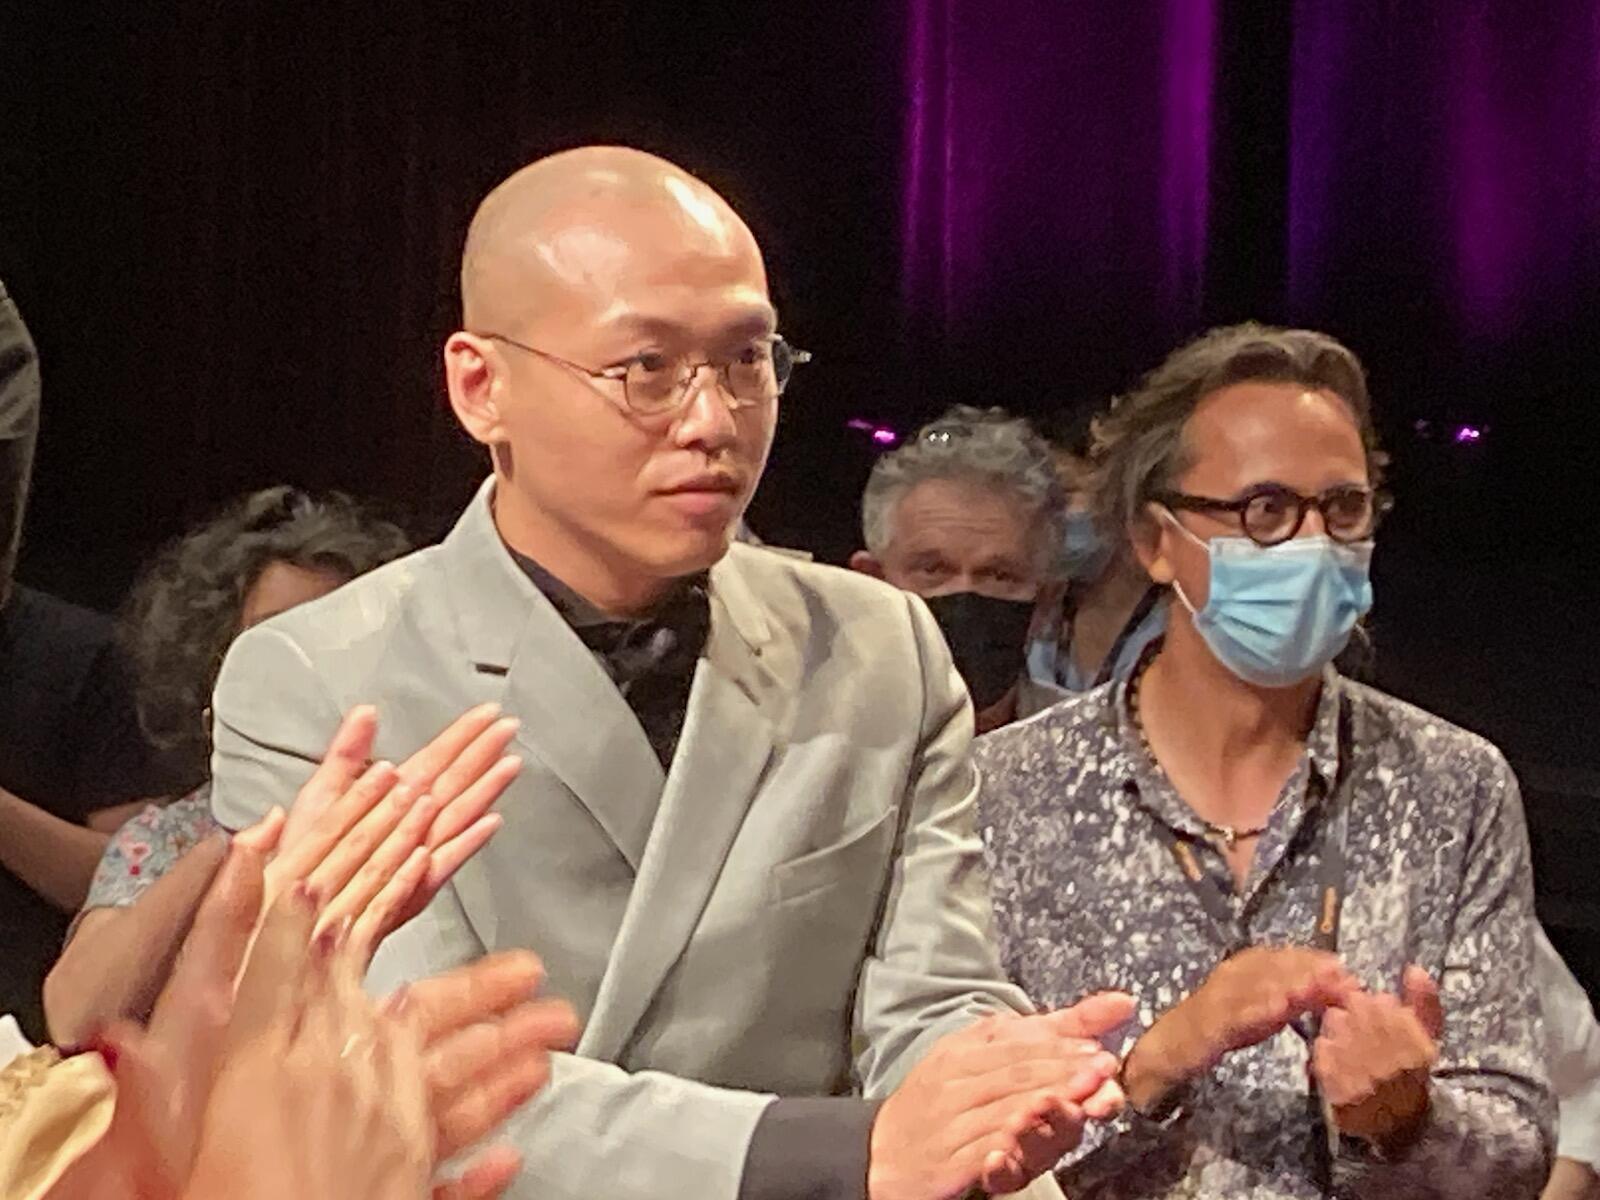 """中国导演那嘉佐(图左)的影片<街娃儿>入围第74届戛纳电影节官方评选""""一种关注""""单元。那嘉佐在2021年7月13日在首映式上与观众见面。"""